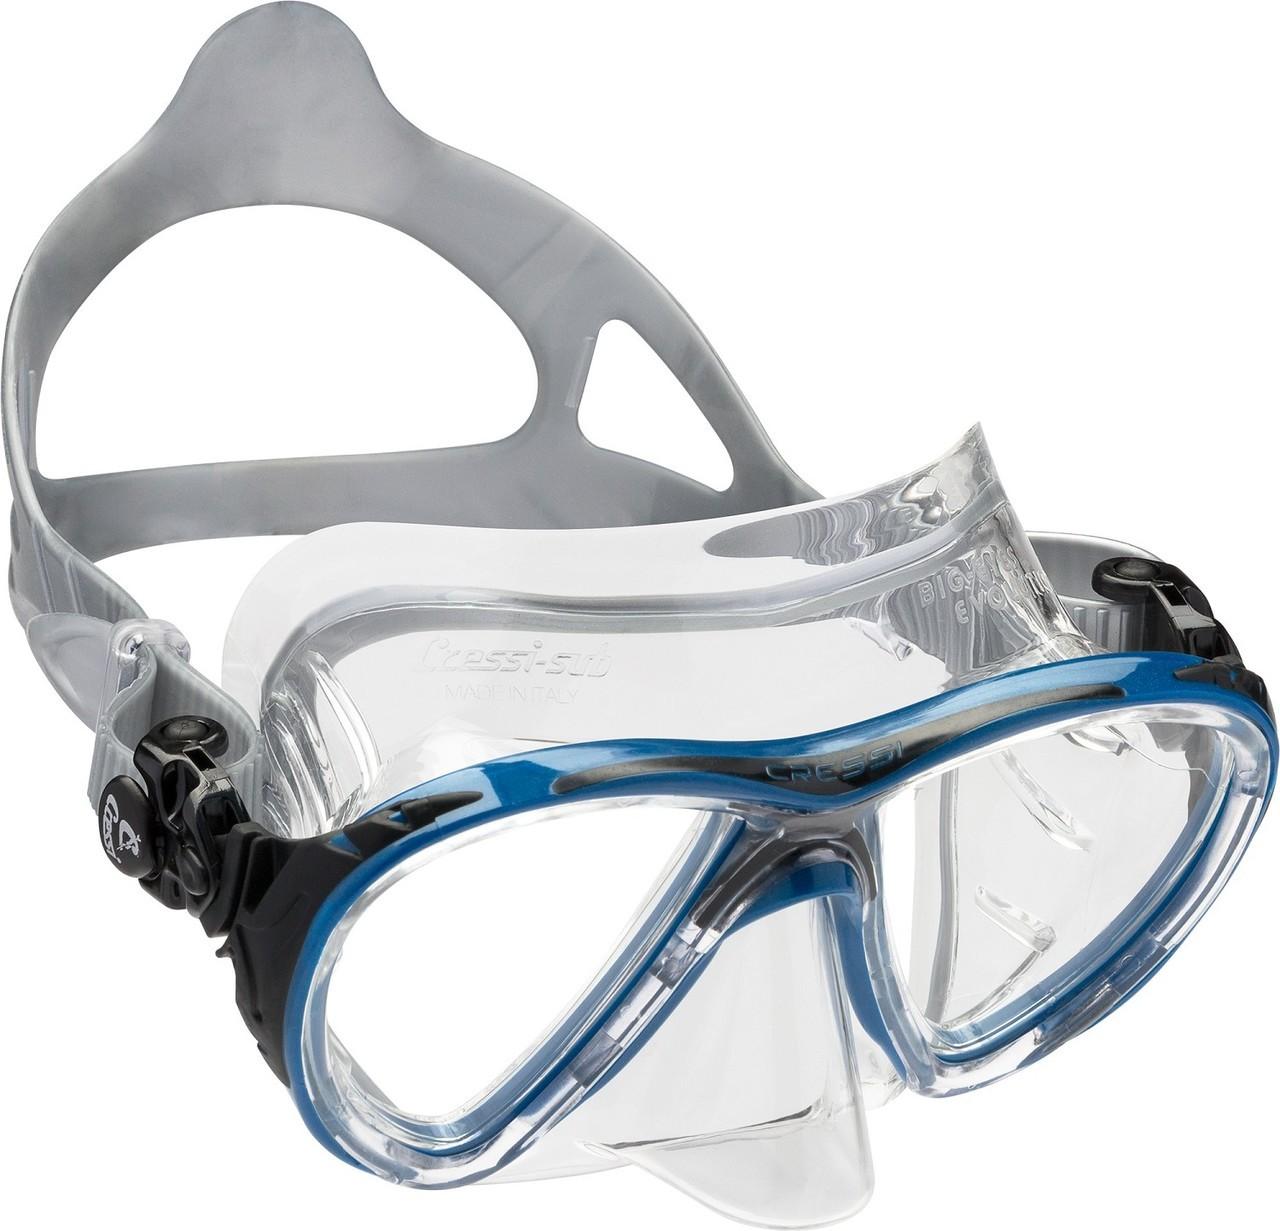 Cressi Big Eyes Evolution Crystal Dive Mask